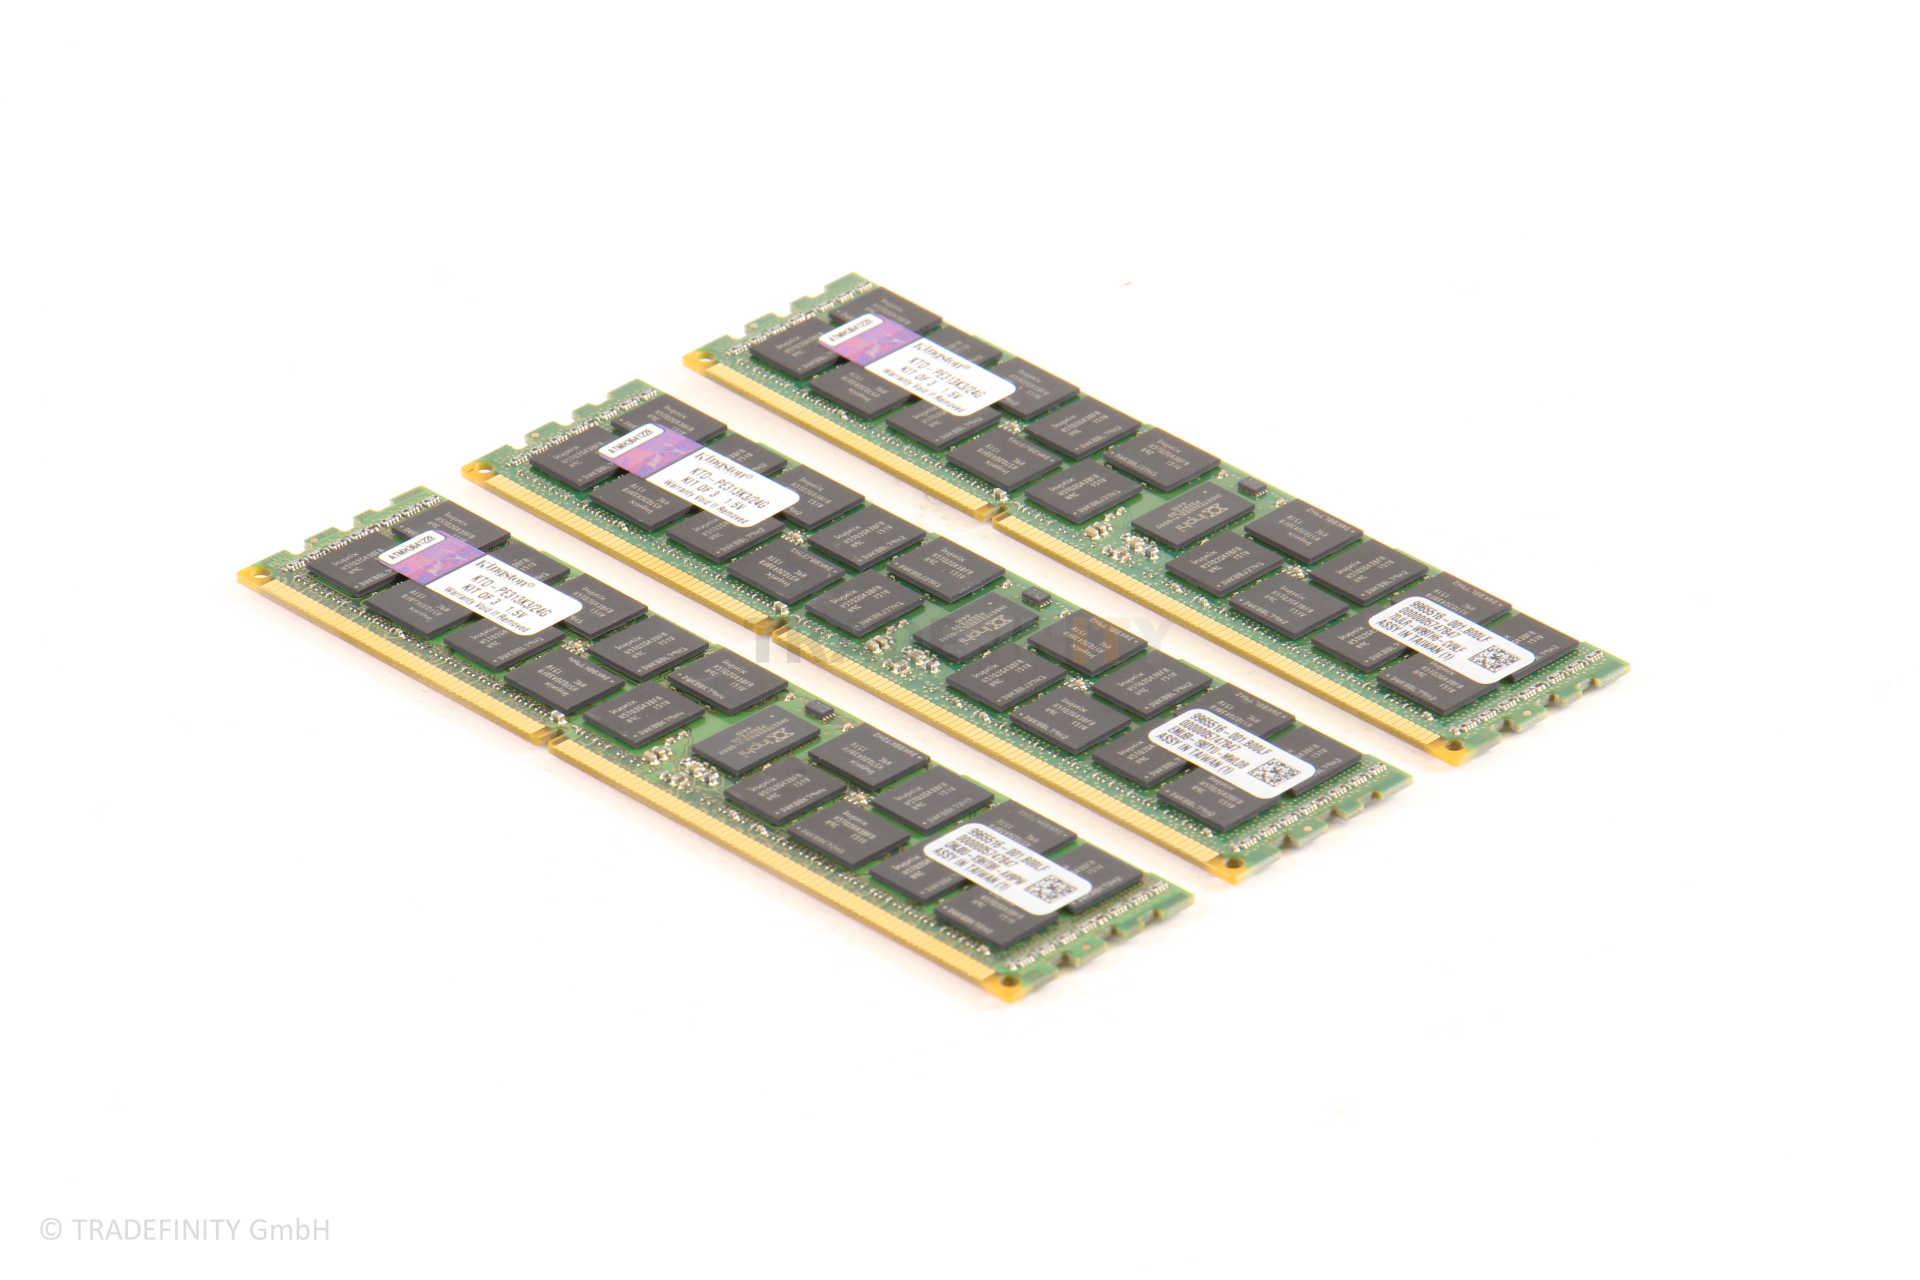 24 GB Memory (Kit of 3)